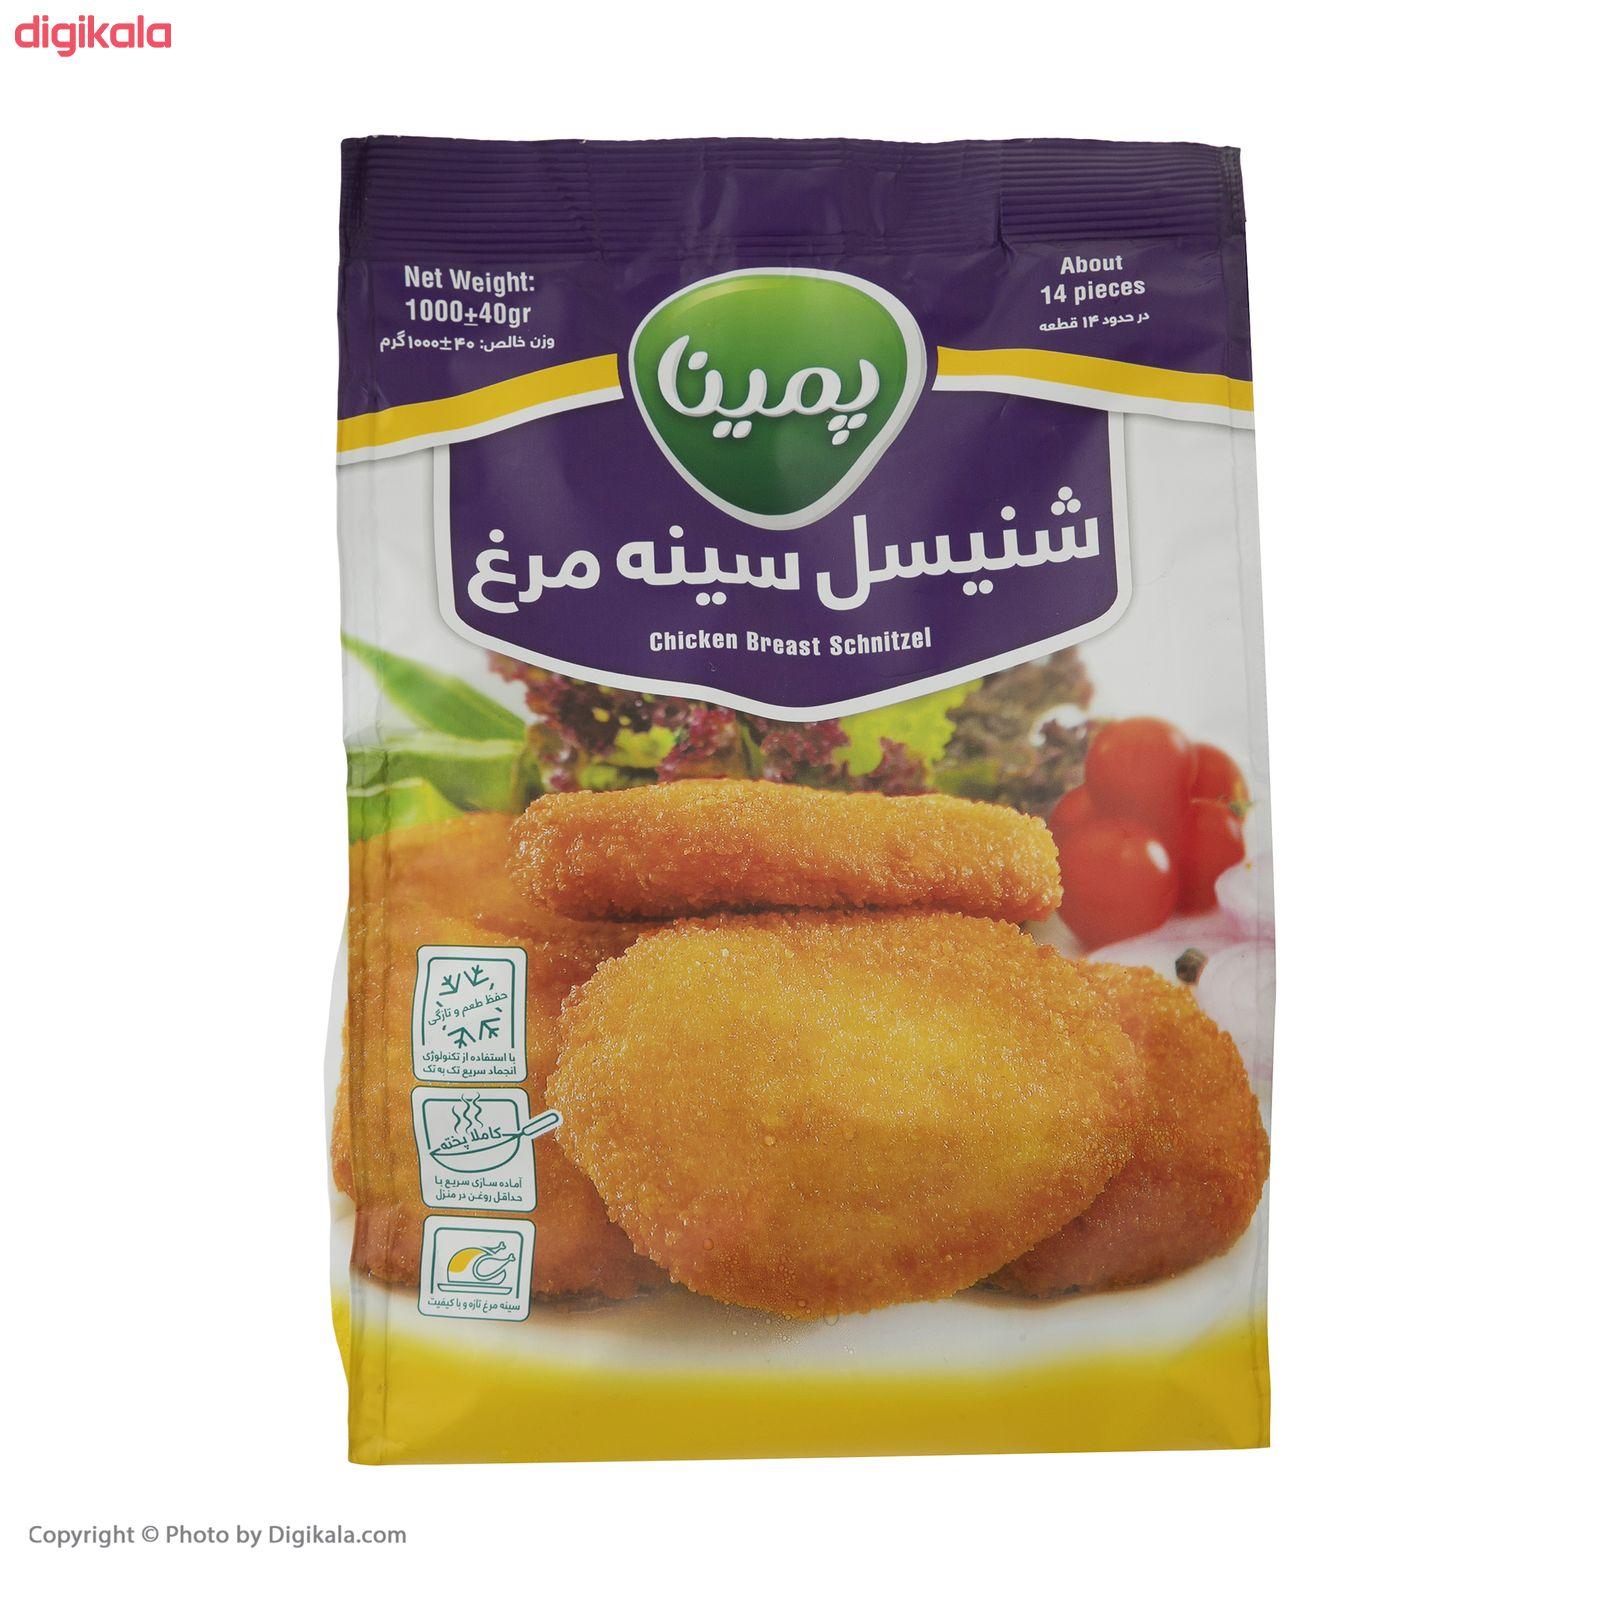 شنیسل سینه مرغ مهمانی منجمد پمینا مقدار 1000 گرم main 1 2